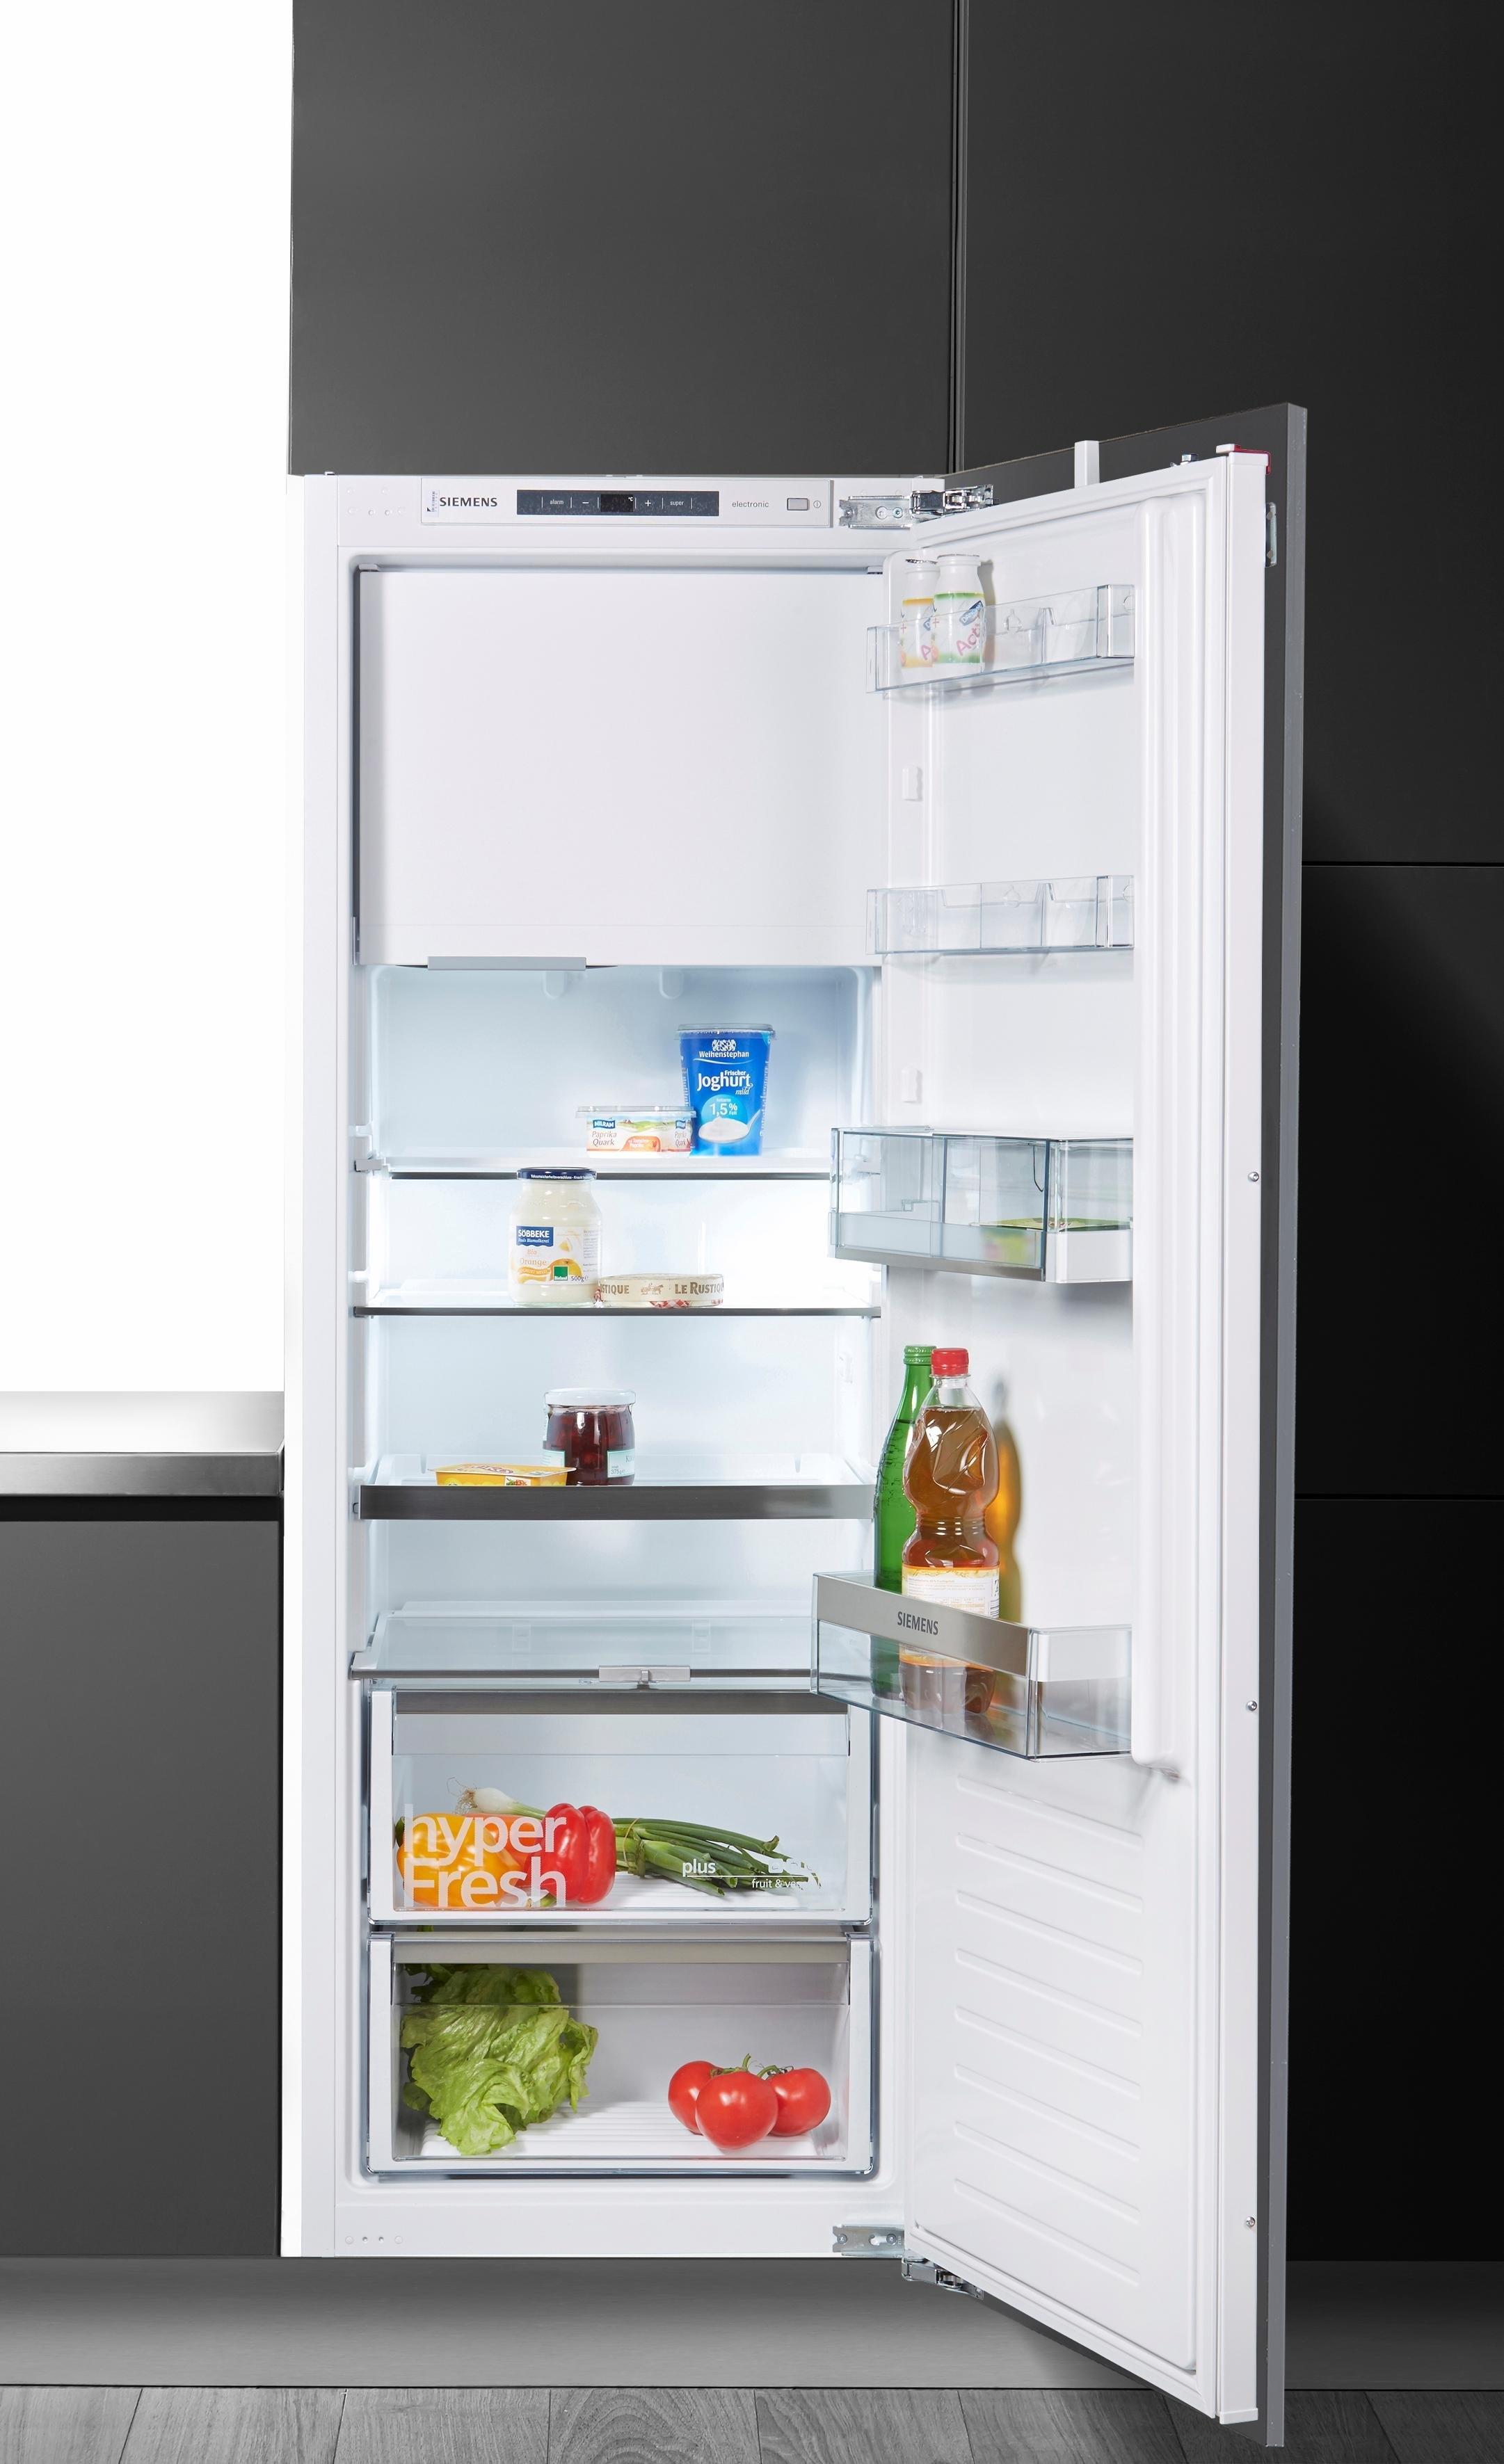 Siemens inbouw-koel-vriescombinatie KI72LAD40, energieklasse A+++, 157,7 cm hoog goedkoop op otto.nl kopen